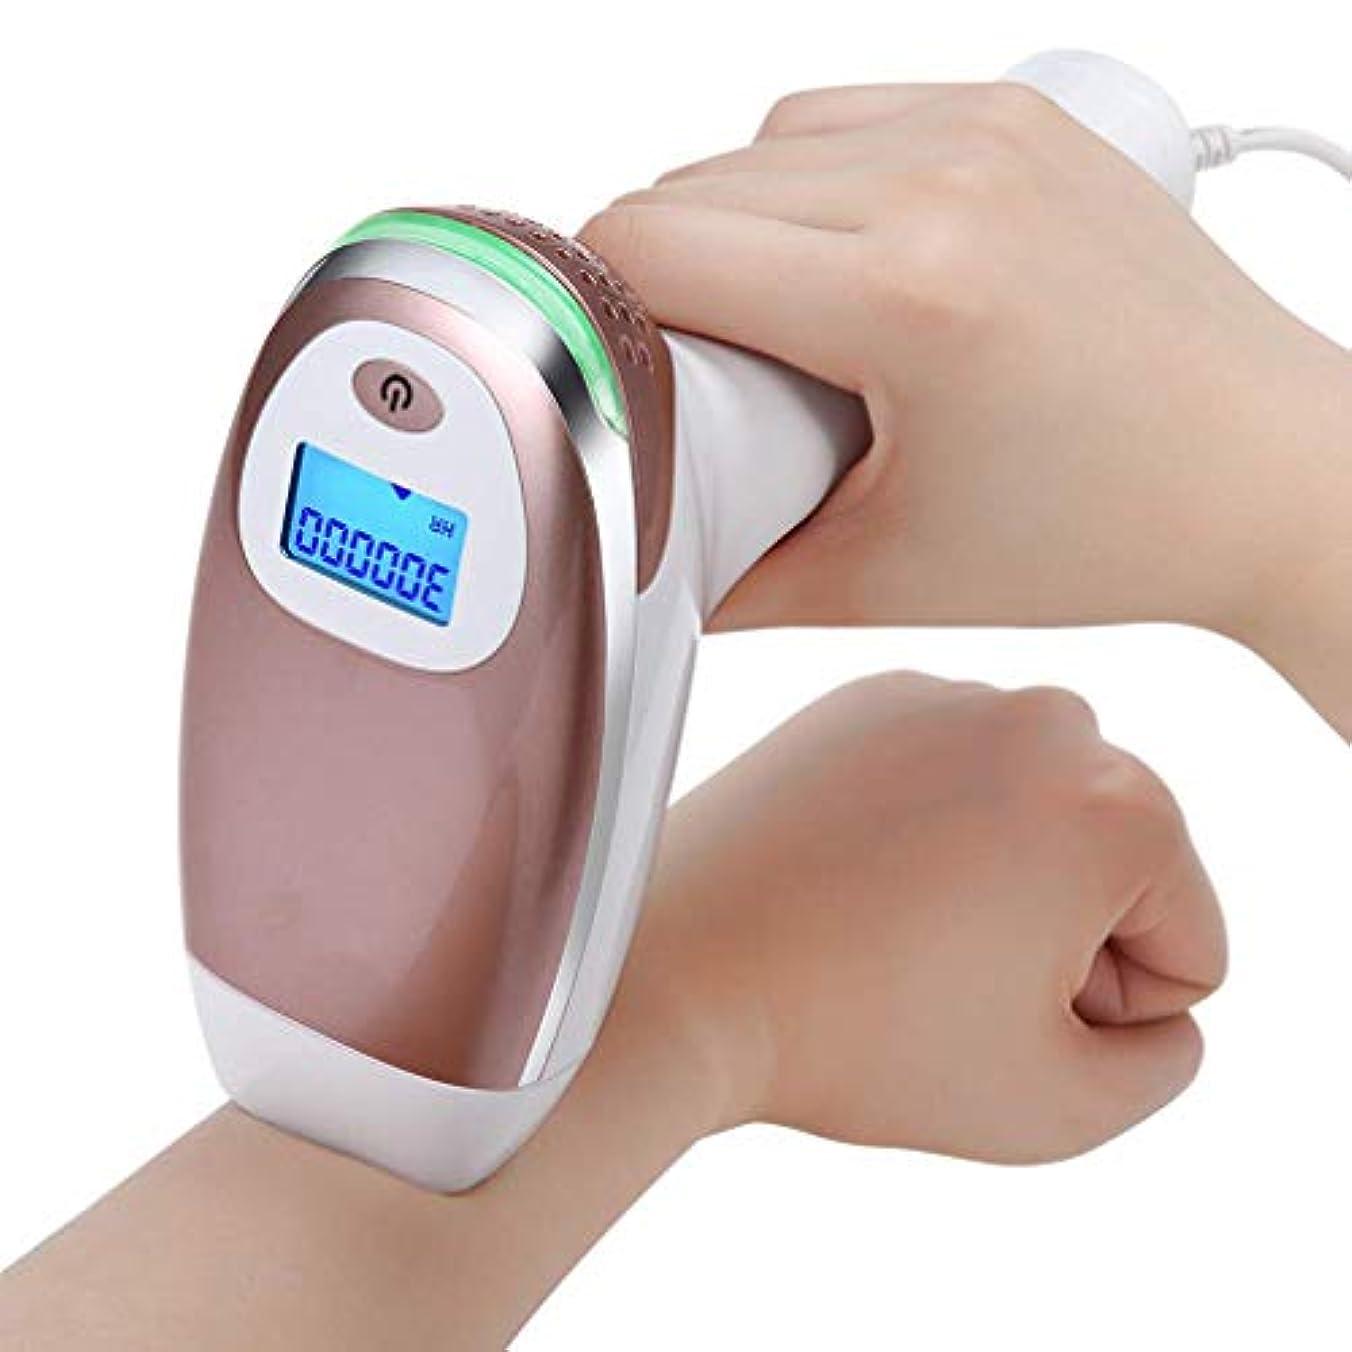 痛みのないレーザー脱毛装置 - 体、顔、脇の下、ビキニラインのためのLCDスクリーン付きIPL脱毛システム